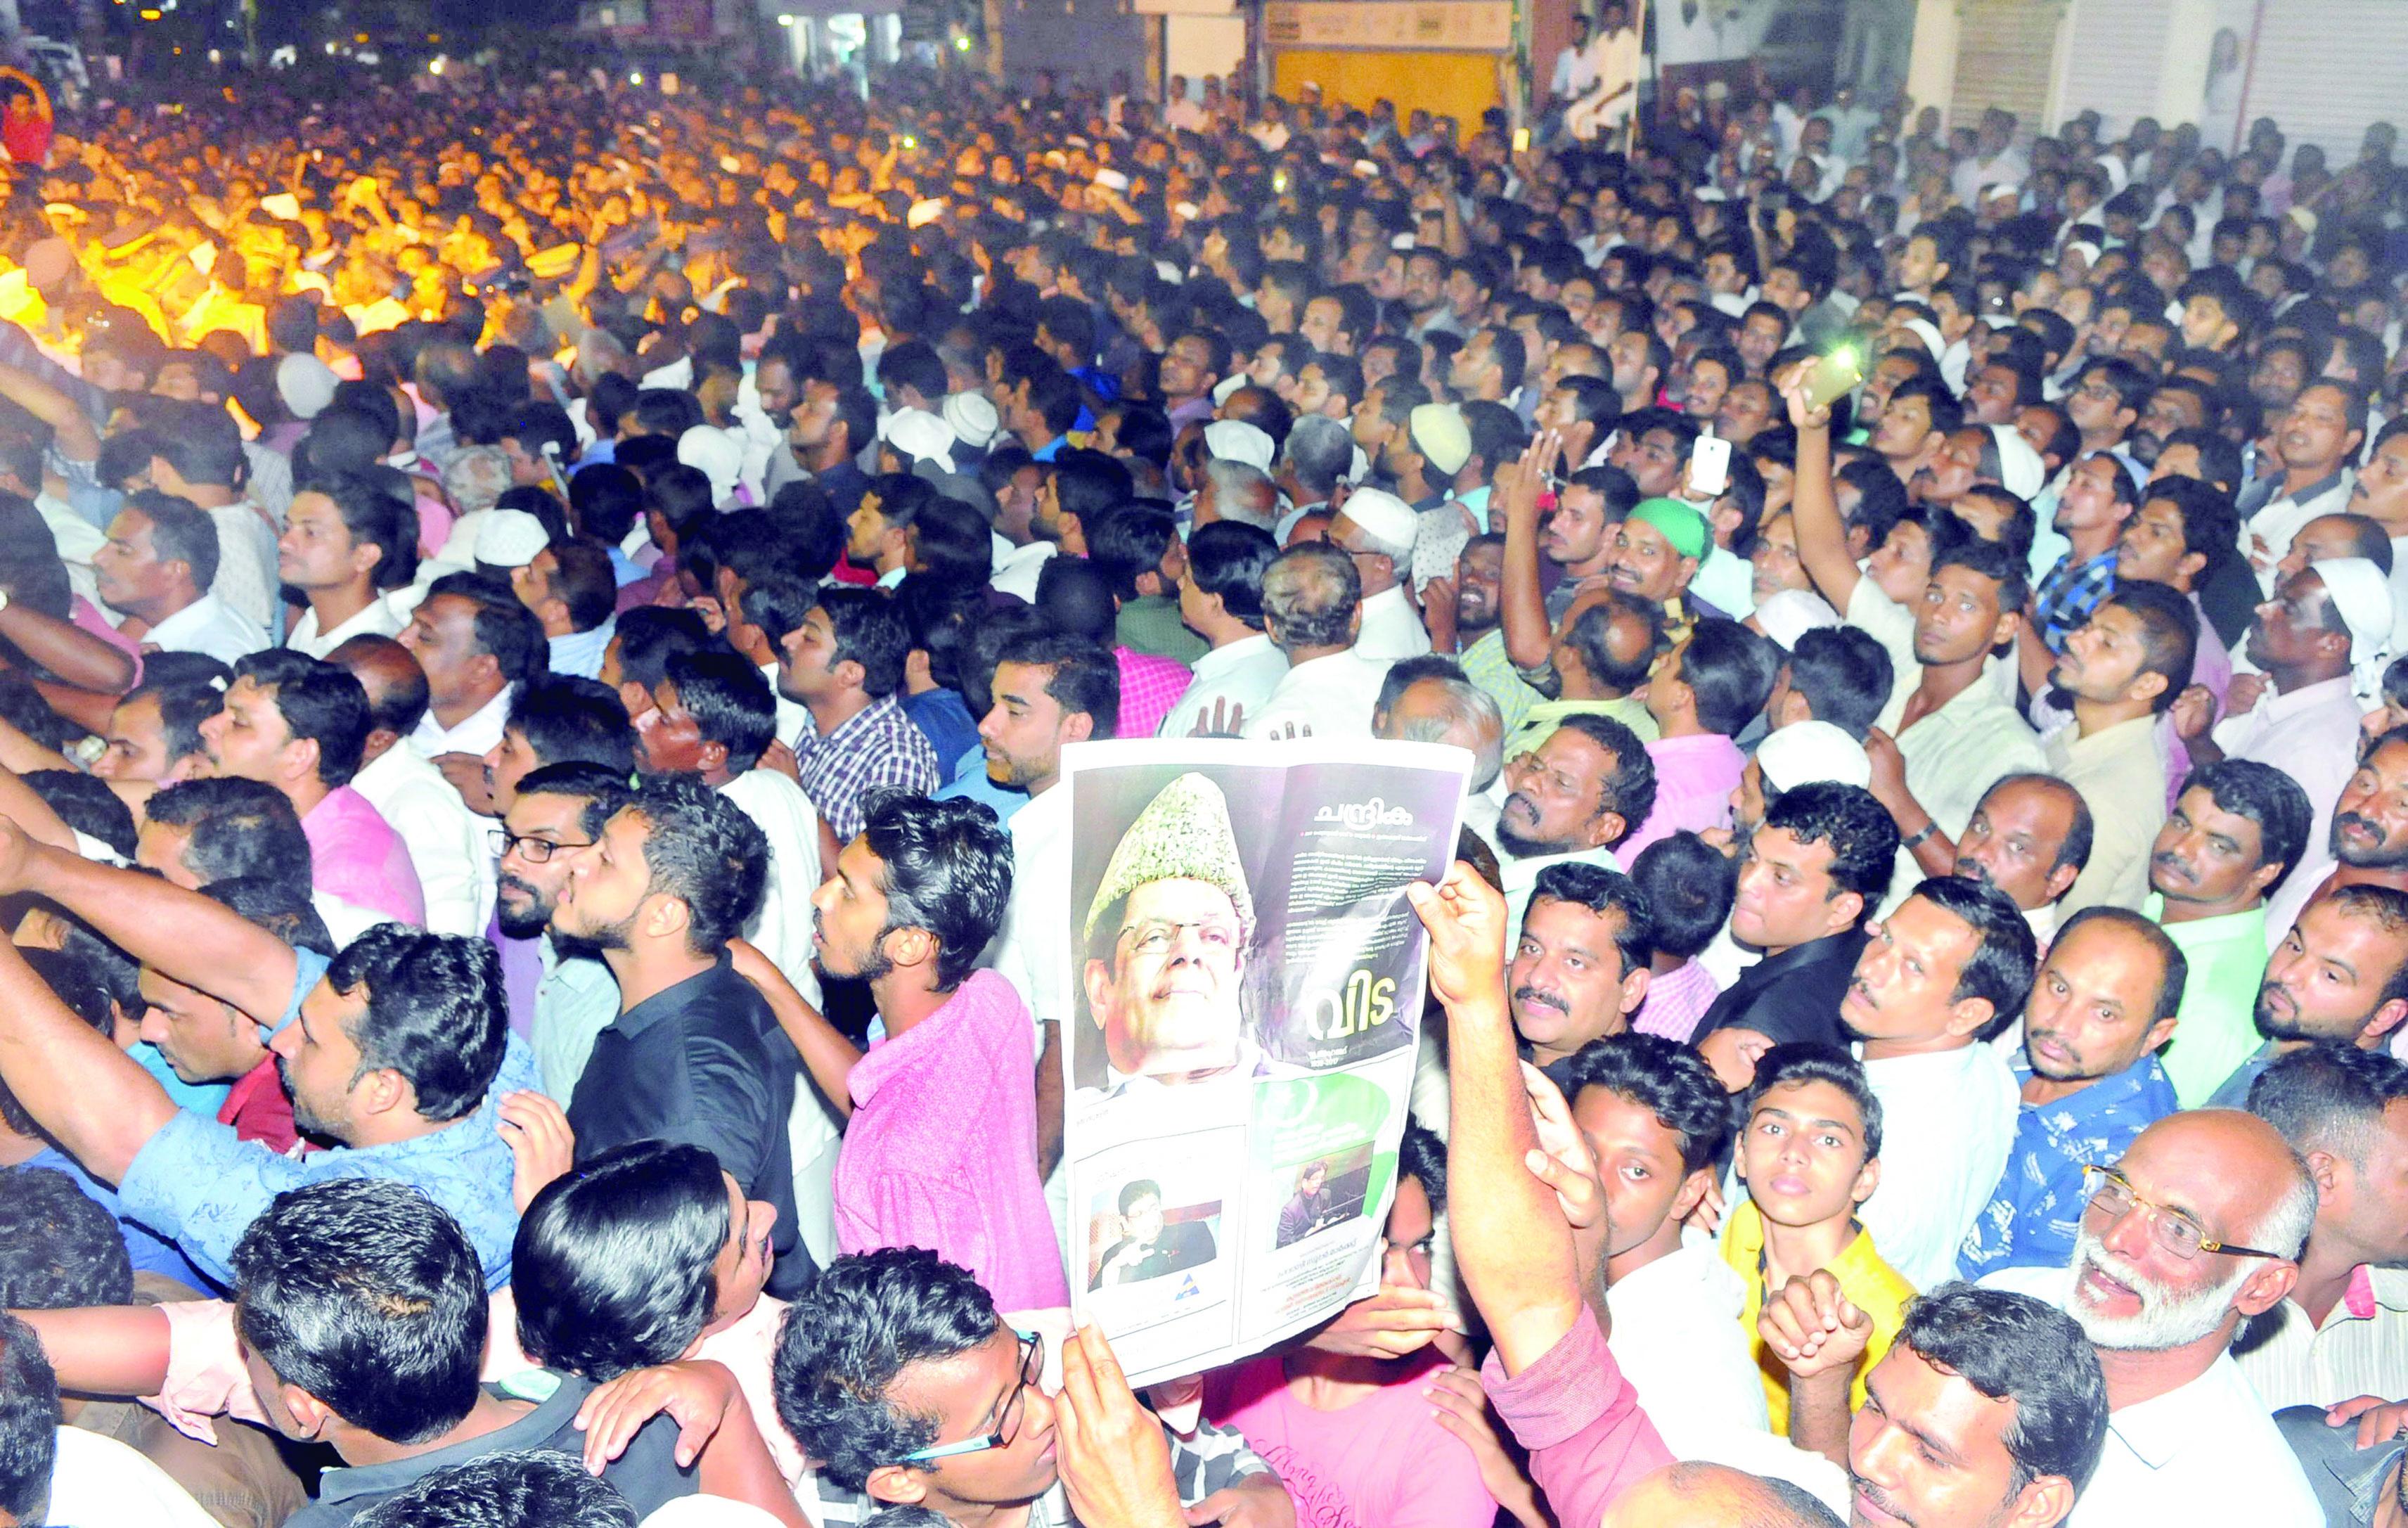 നിറകണ്ണീര് തൂവി പാര്ട്ടി ആസ്ഥാനം